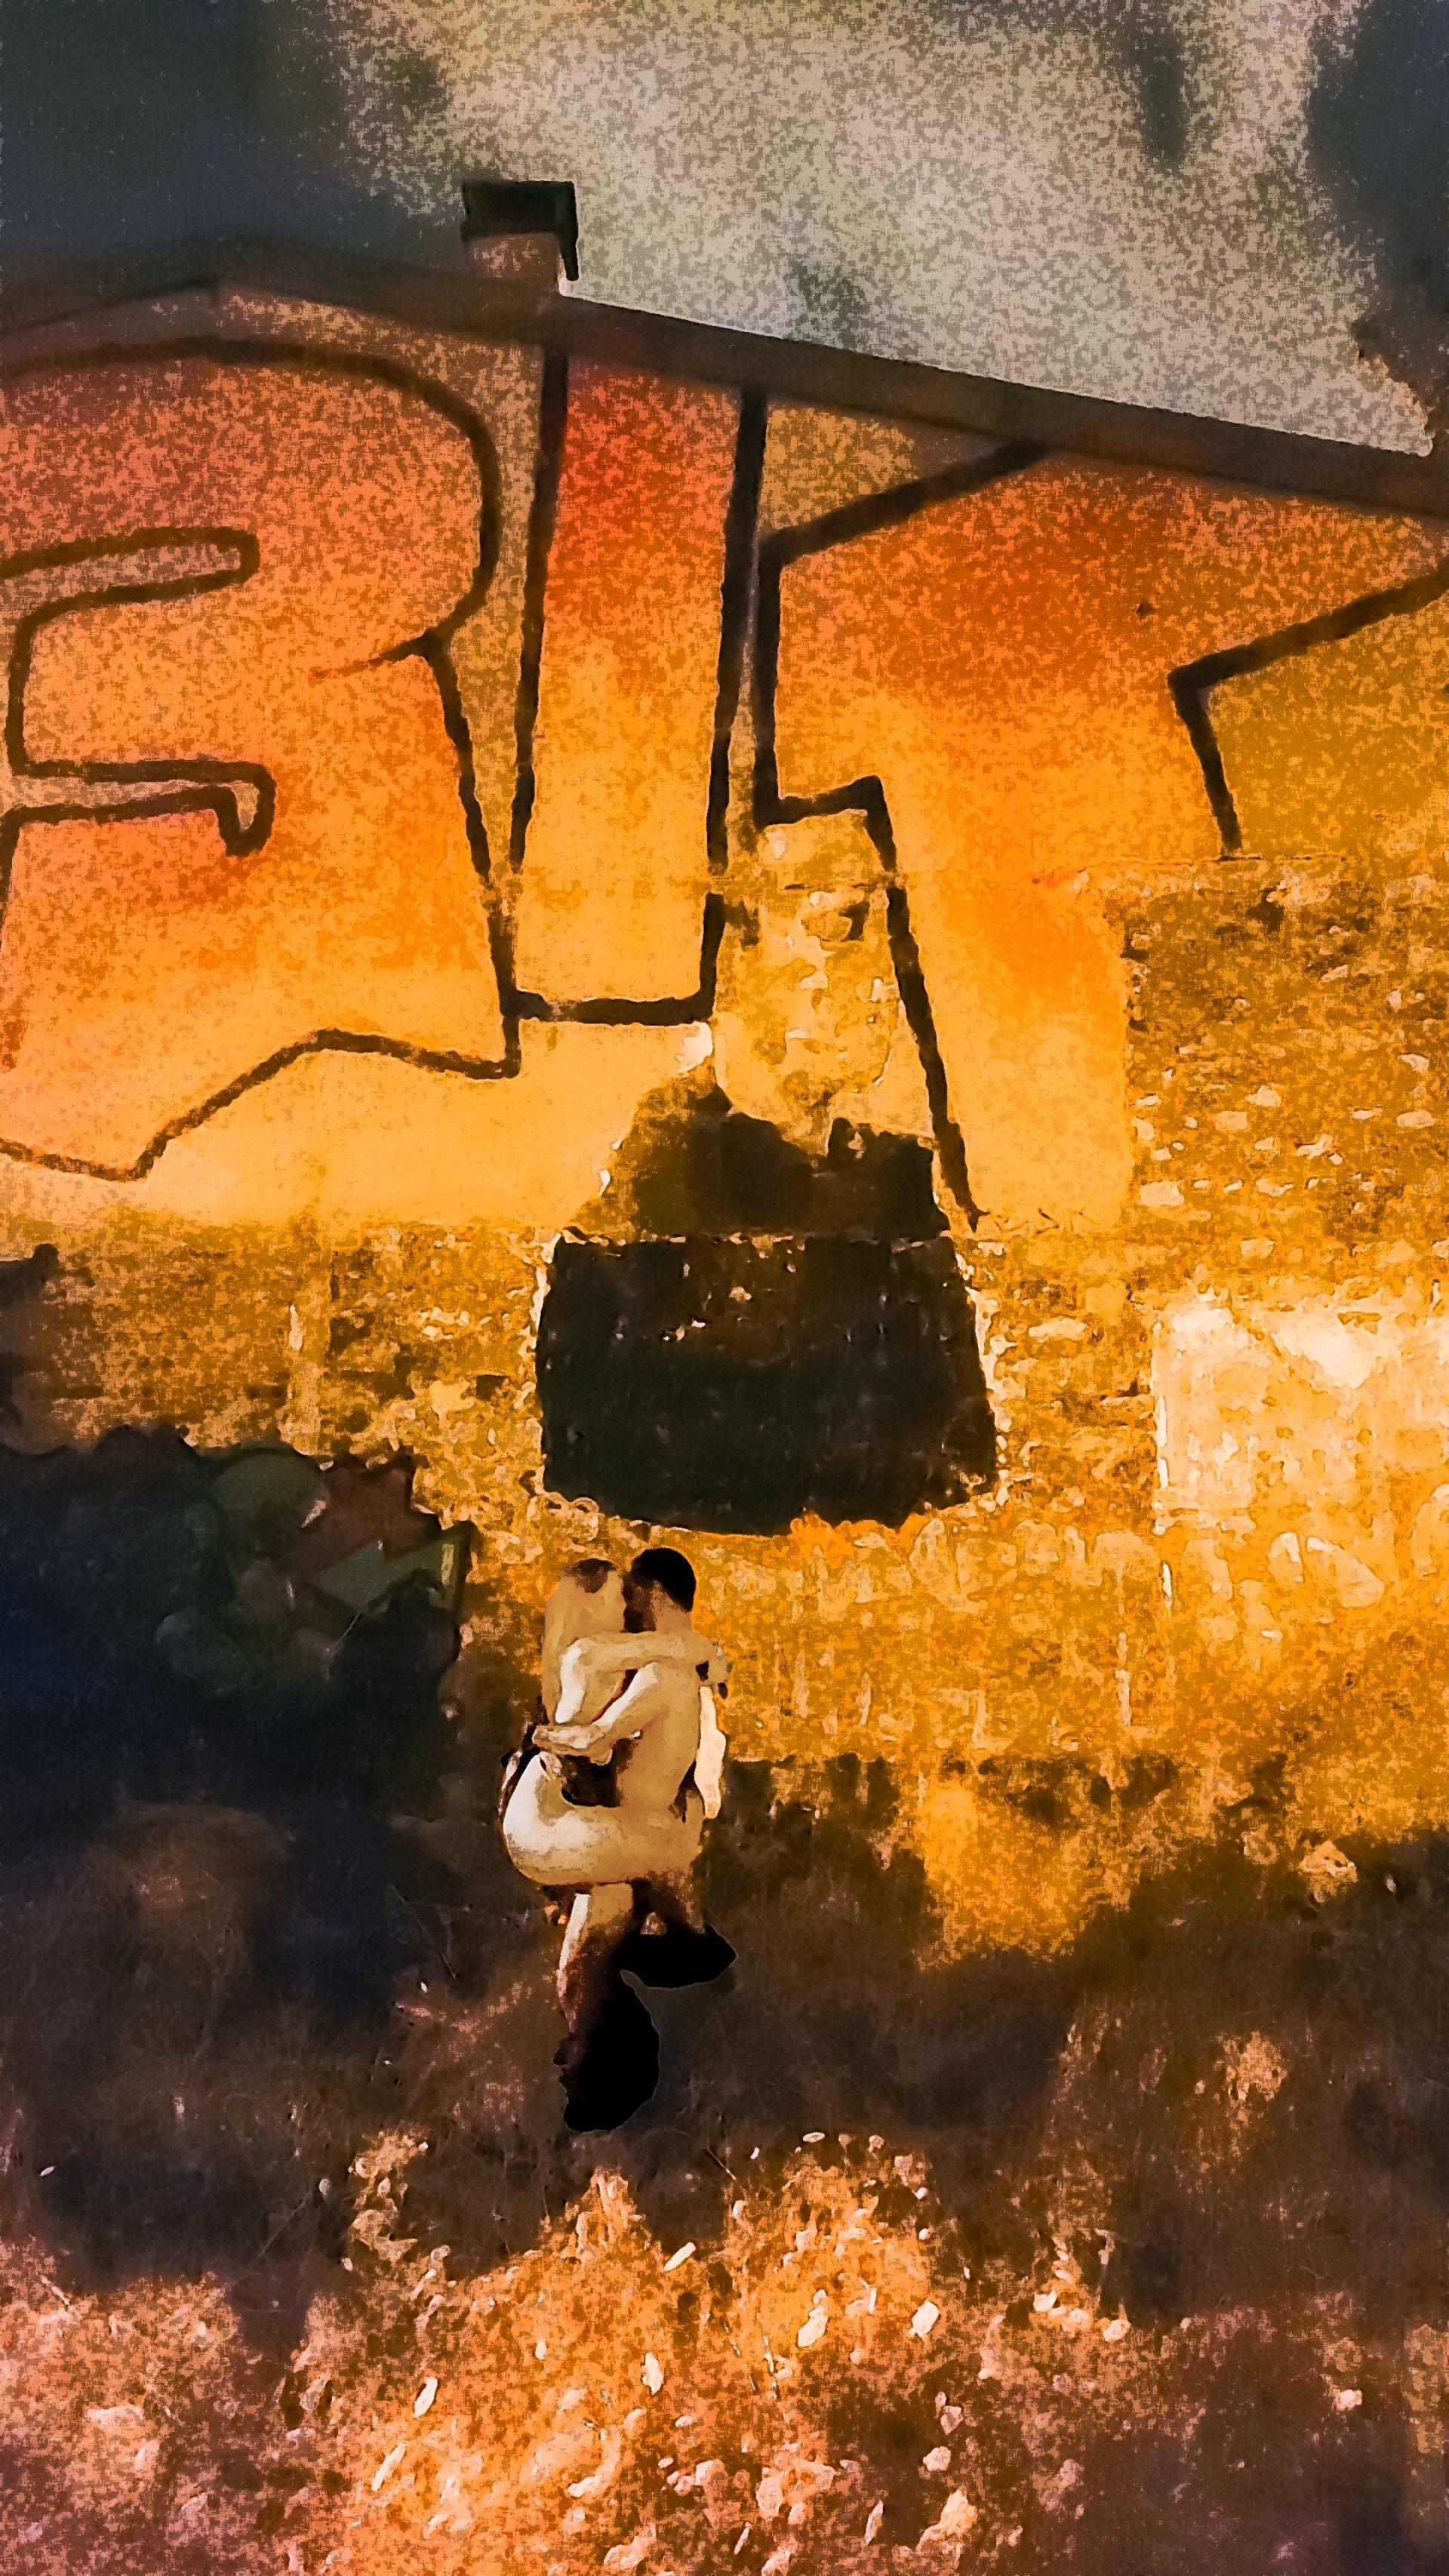 """Le Tag, une photo de la collection """"Art of Street Sex"""" par Les Chevaliers Photographes."""